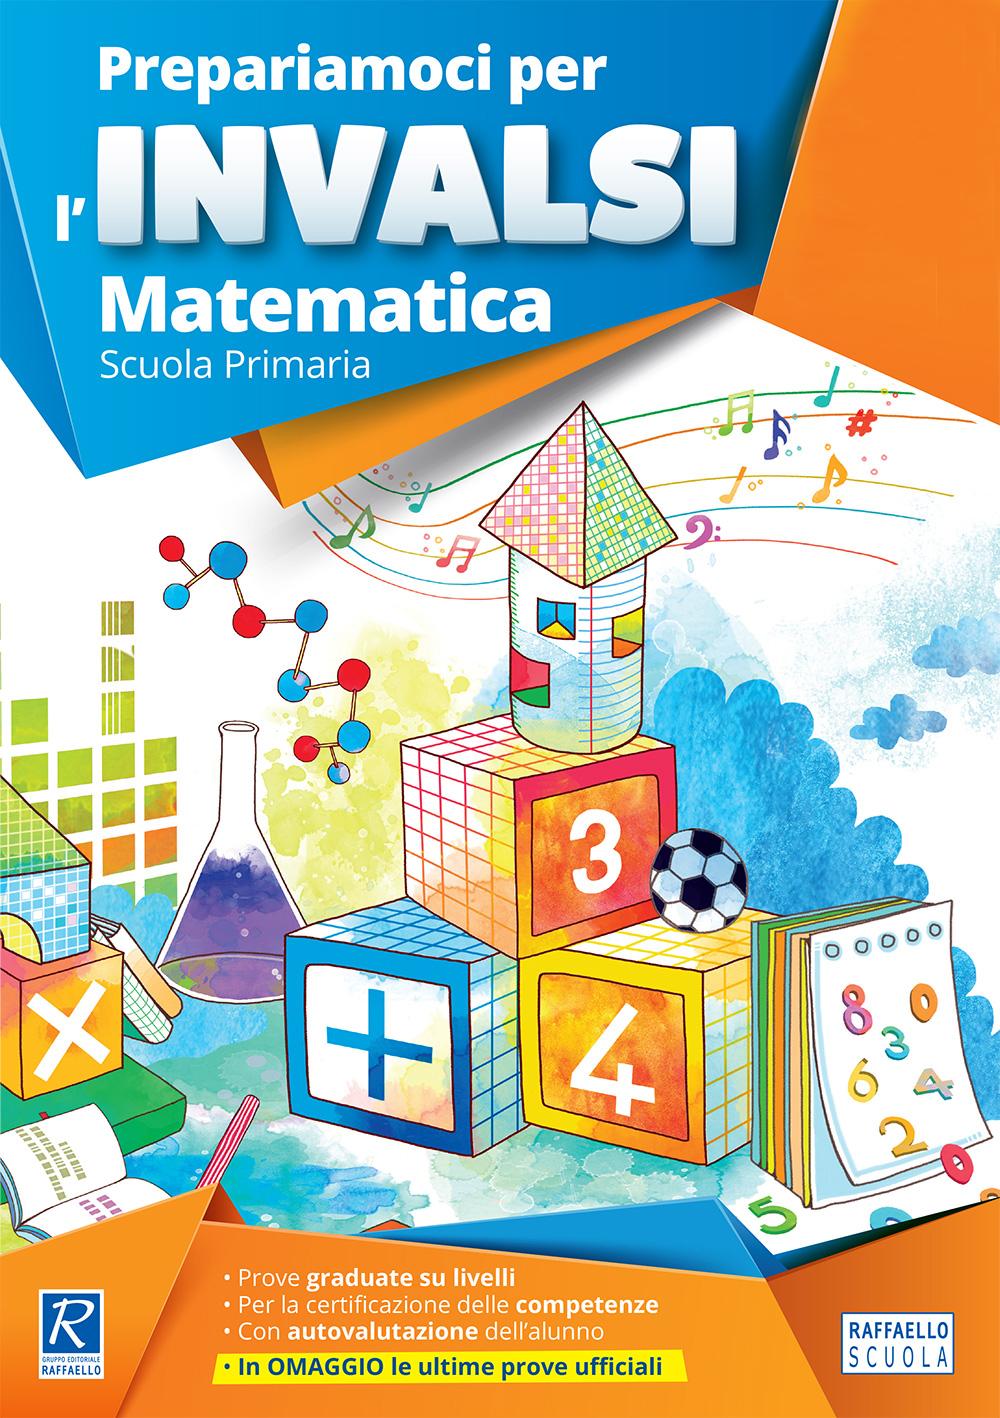 Prepariamoci per l'INVALSI - Matematica